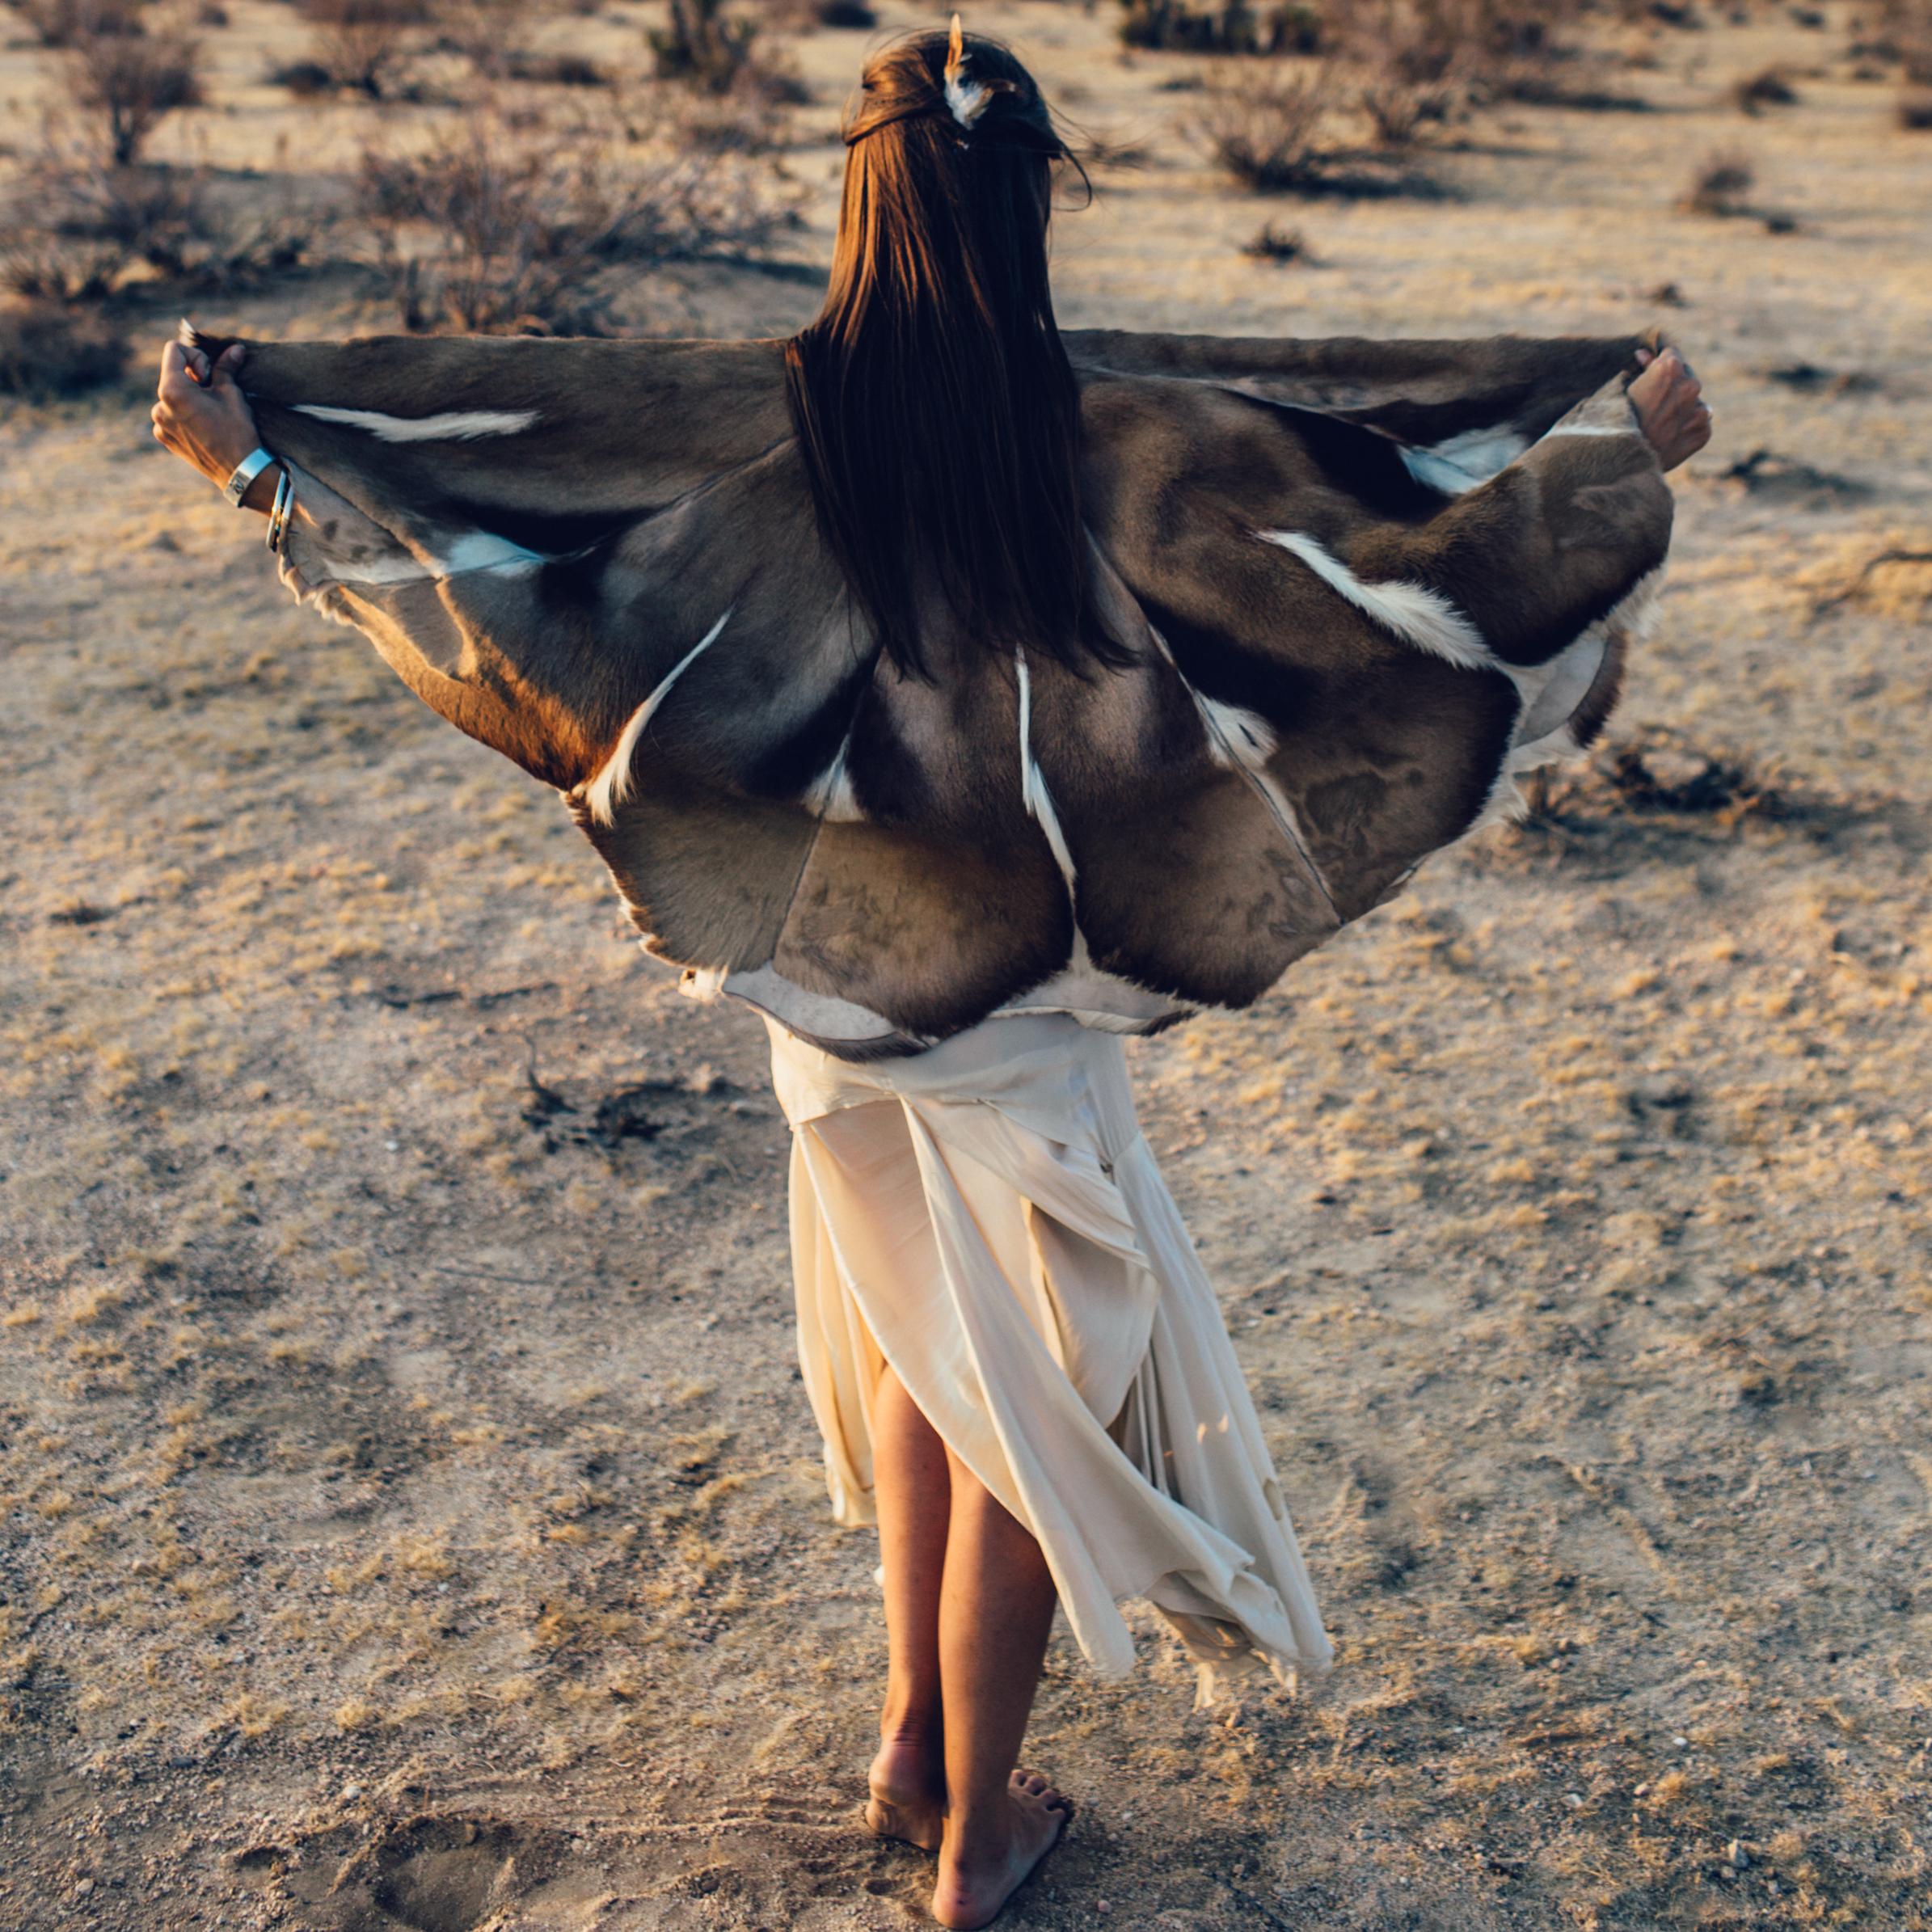 CLOUD RANCH EAGLE